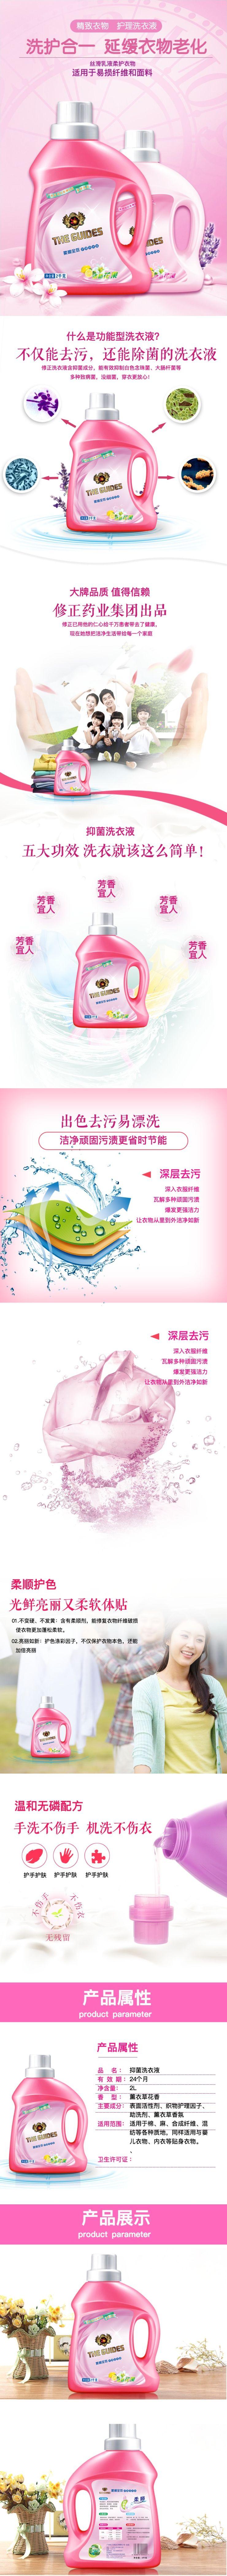 红色清新健康丝滑柔顺洗衣液电商详情图